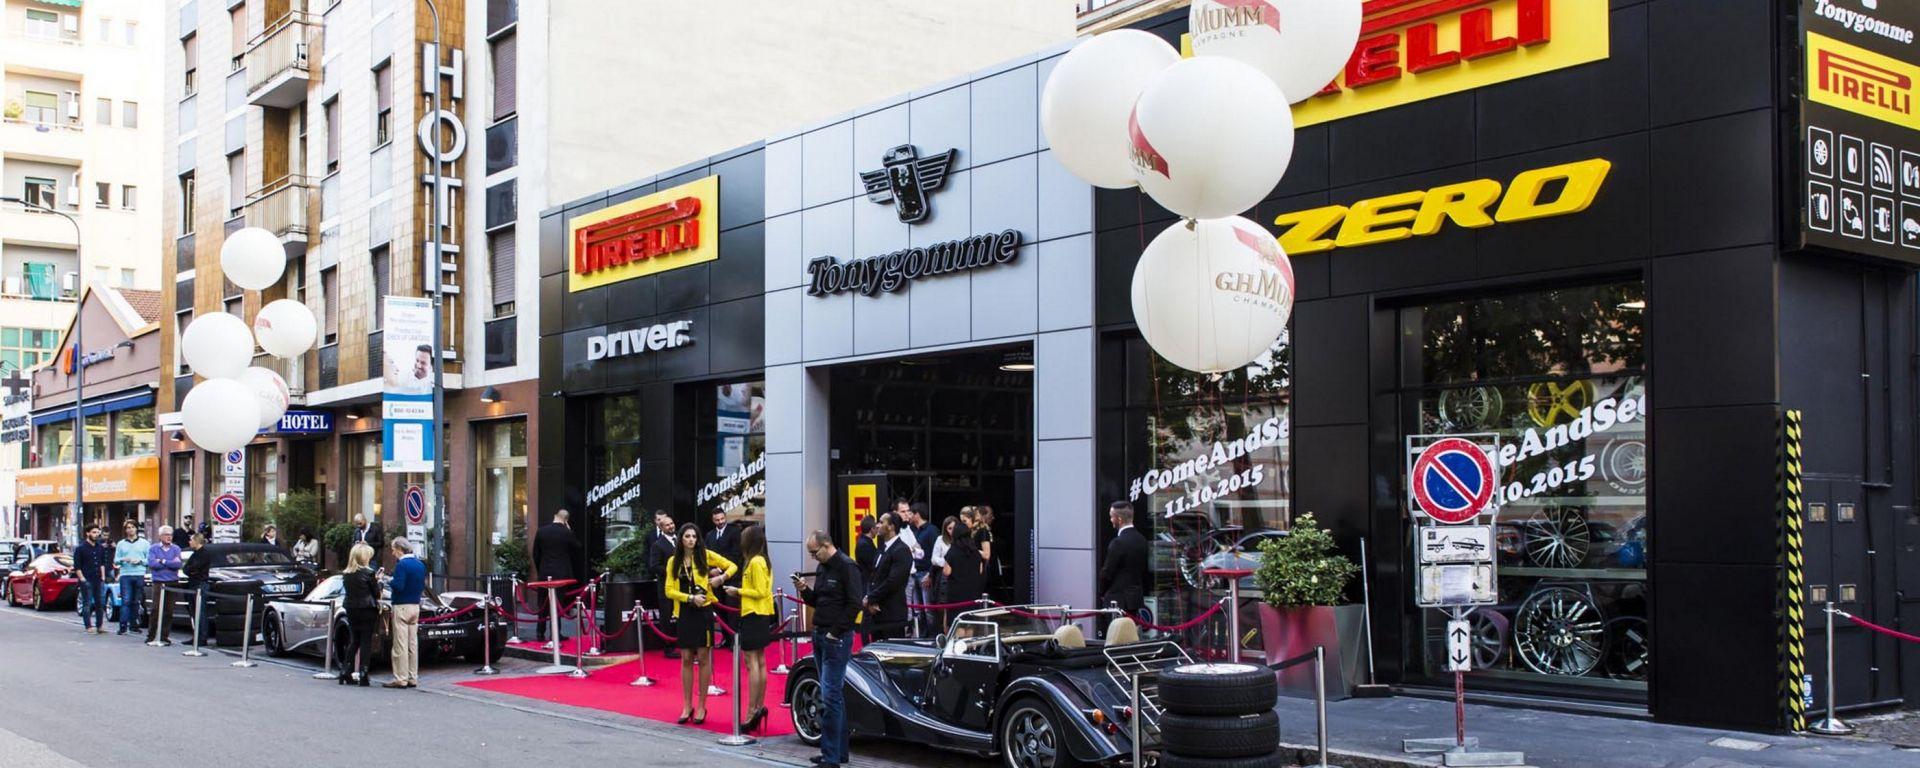 Pirelli: Tonygomme diventa Driver Center